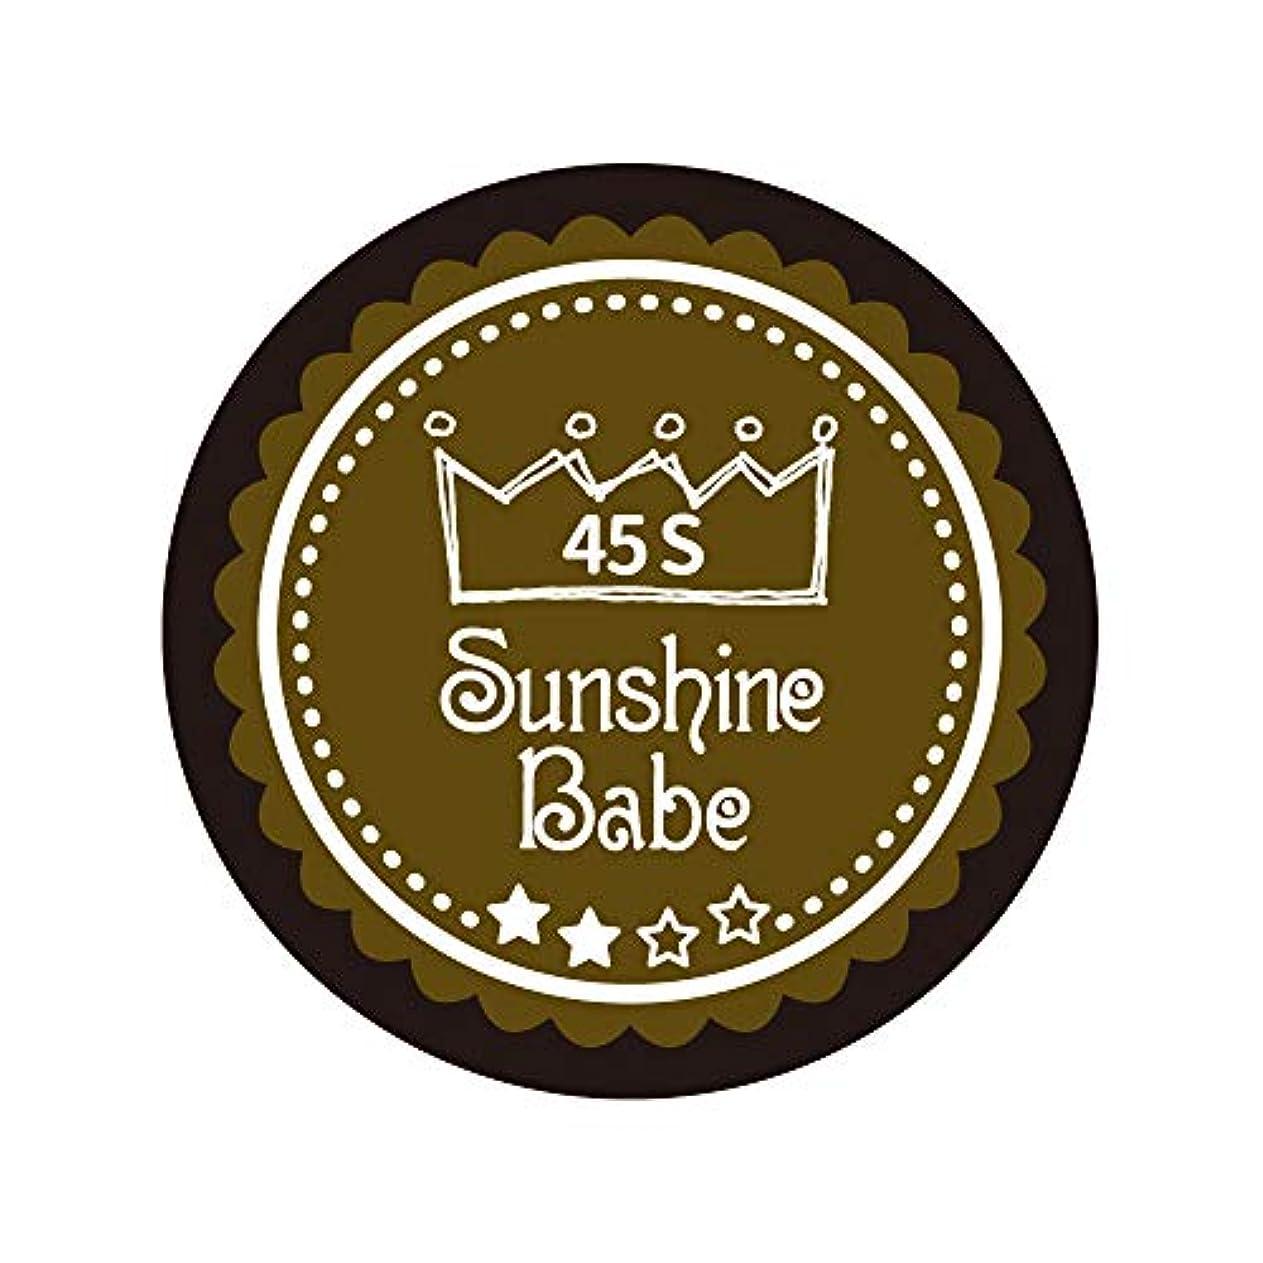 ビジョン満州真実Sunshine Babe カラージェル 45S マティーニオリーブ 4g UV/LED対応